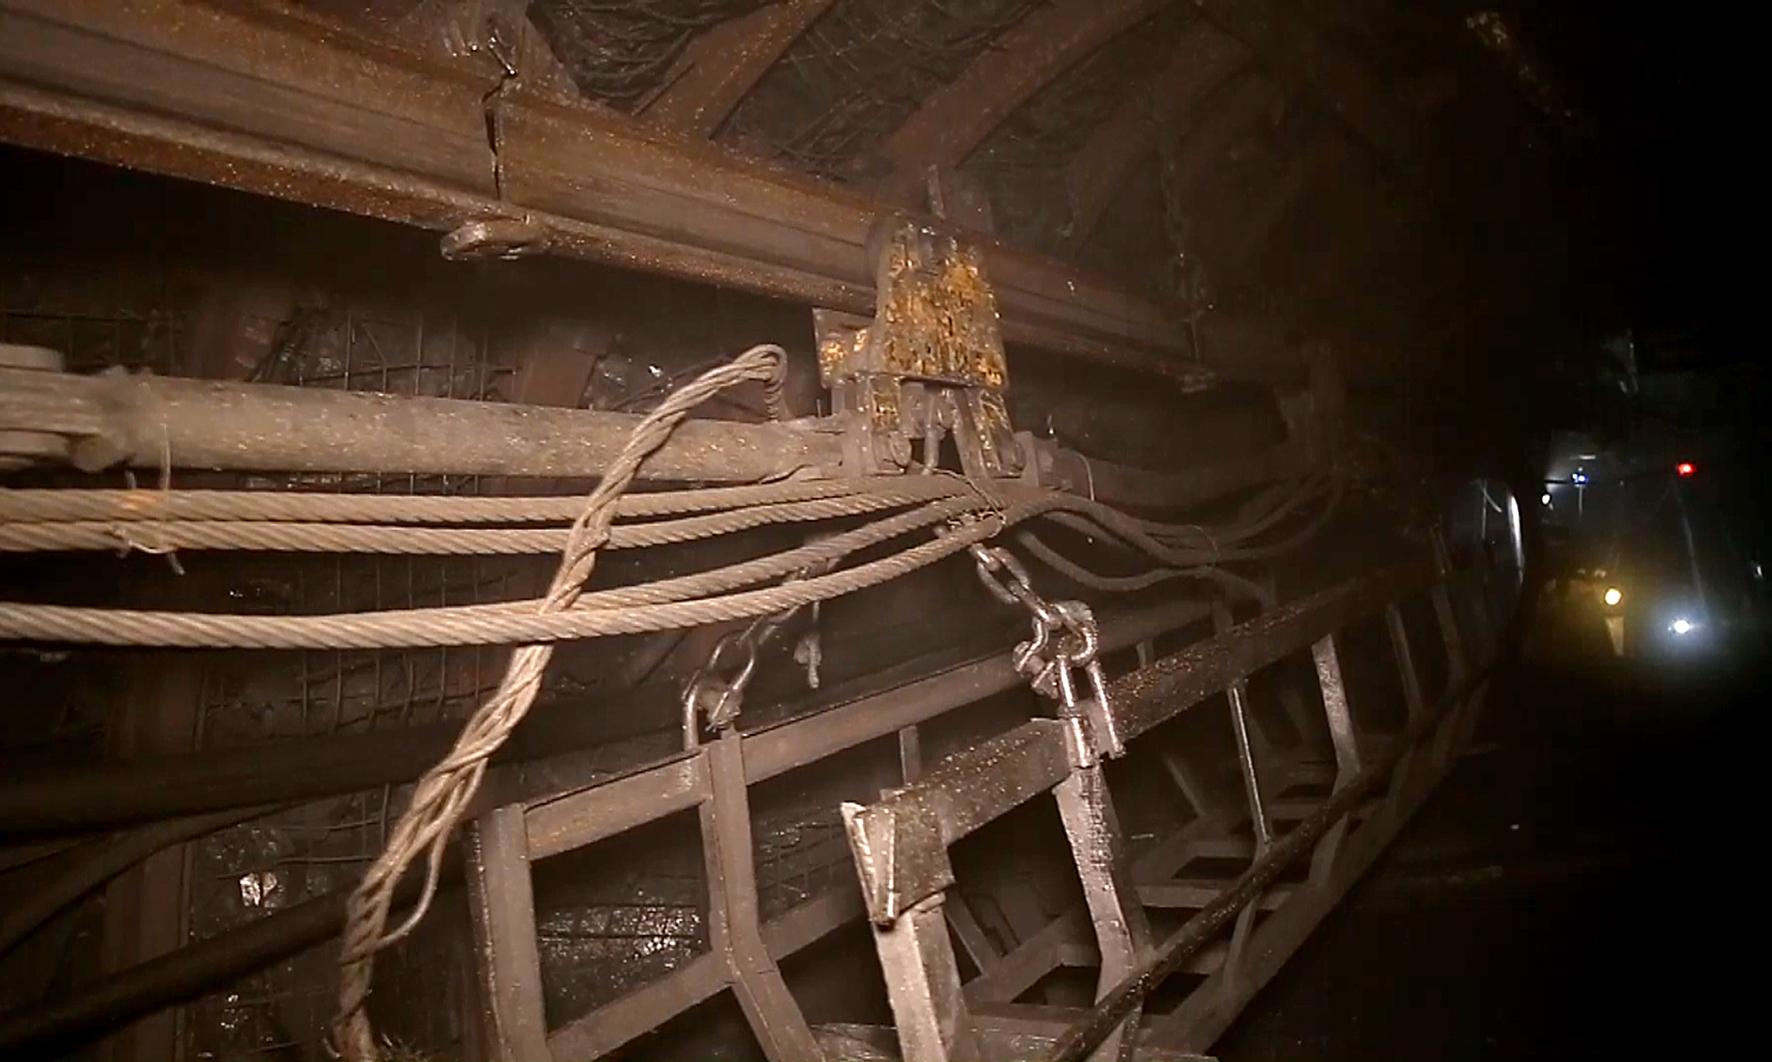 Ứng dụng sáng tạo trong công tác vận chuyển vật liệu mỏ tại Than Nam Mẫu (4)